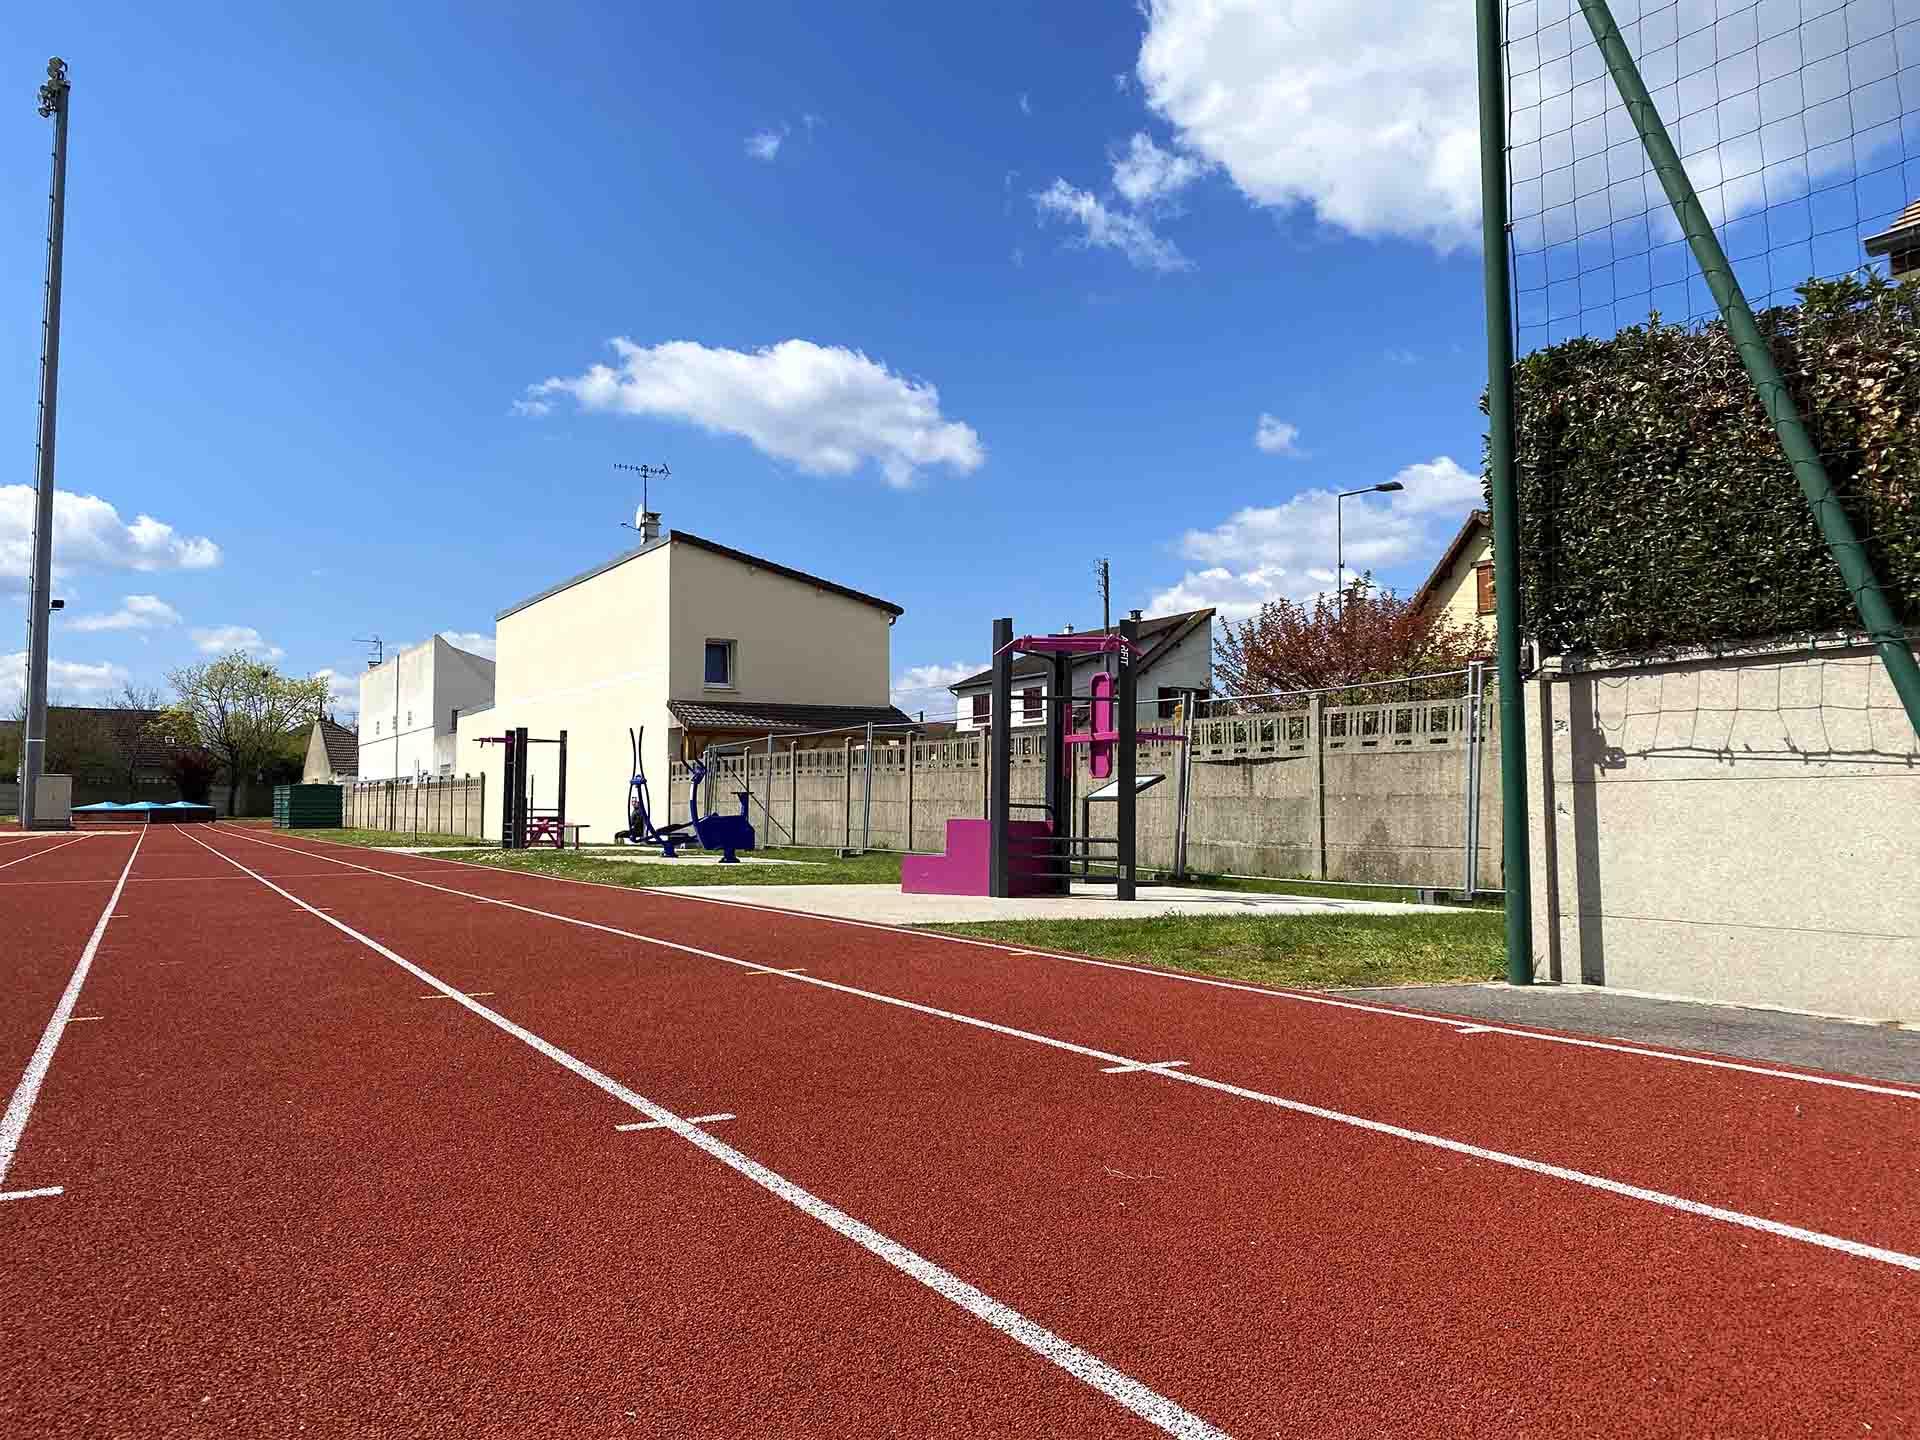 Photo des aires de fitness en bord de la piste d'athlétisme du Stade Maurice Bacquet à Houilles